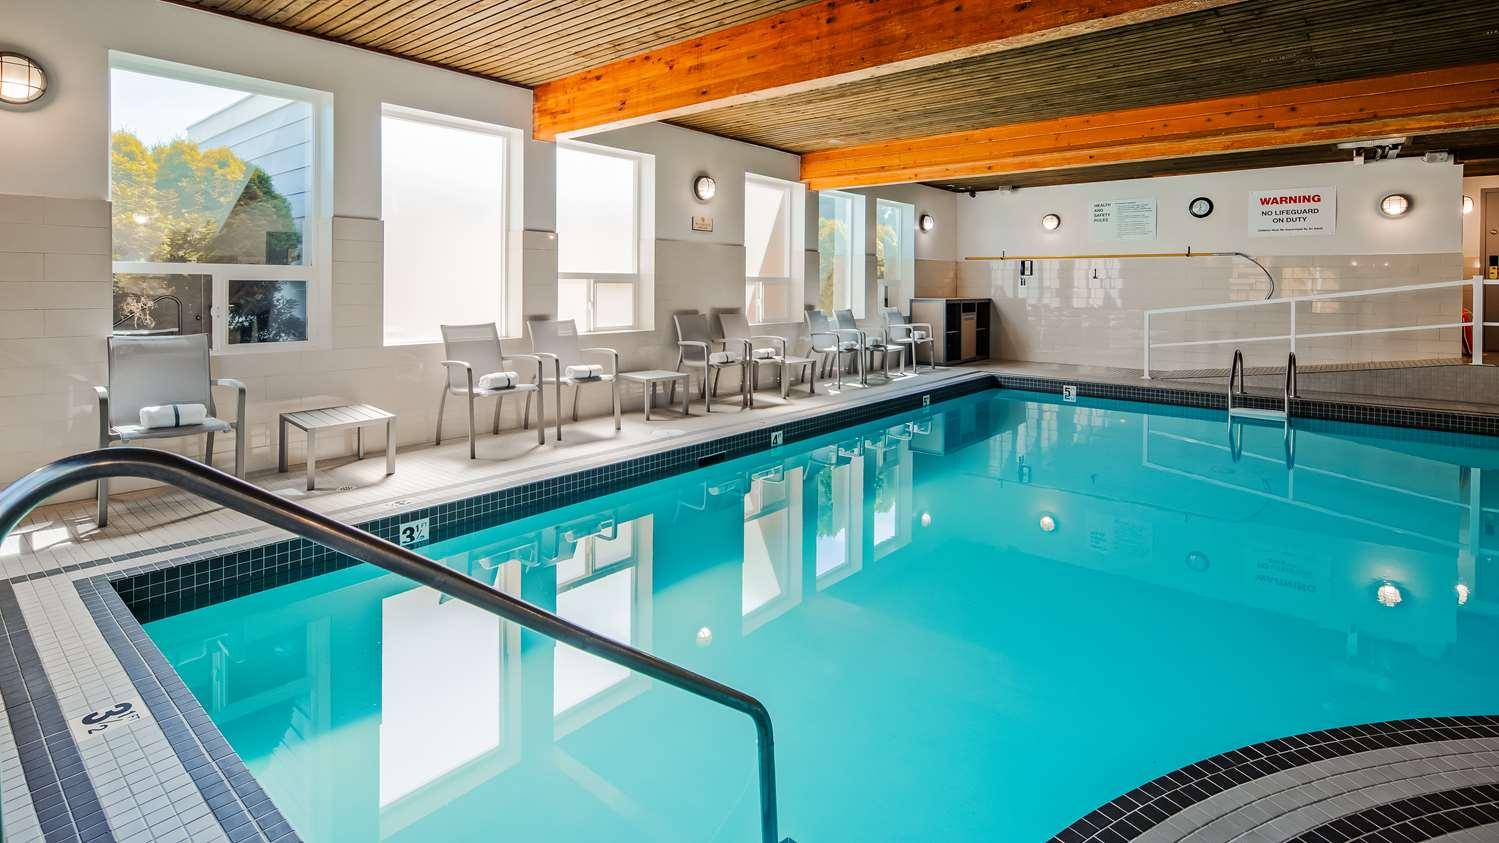 Pool - Best Western Plus Country Meadows Inn Aldergrove